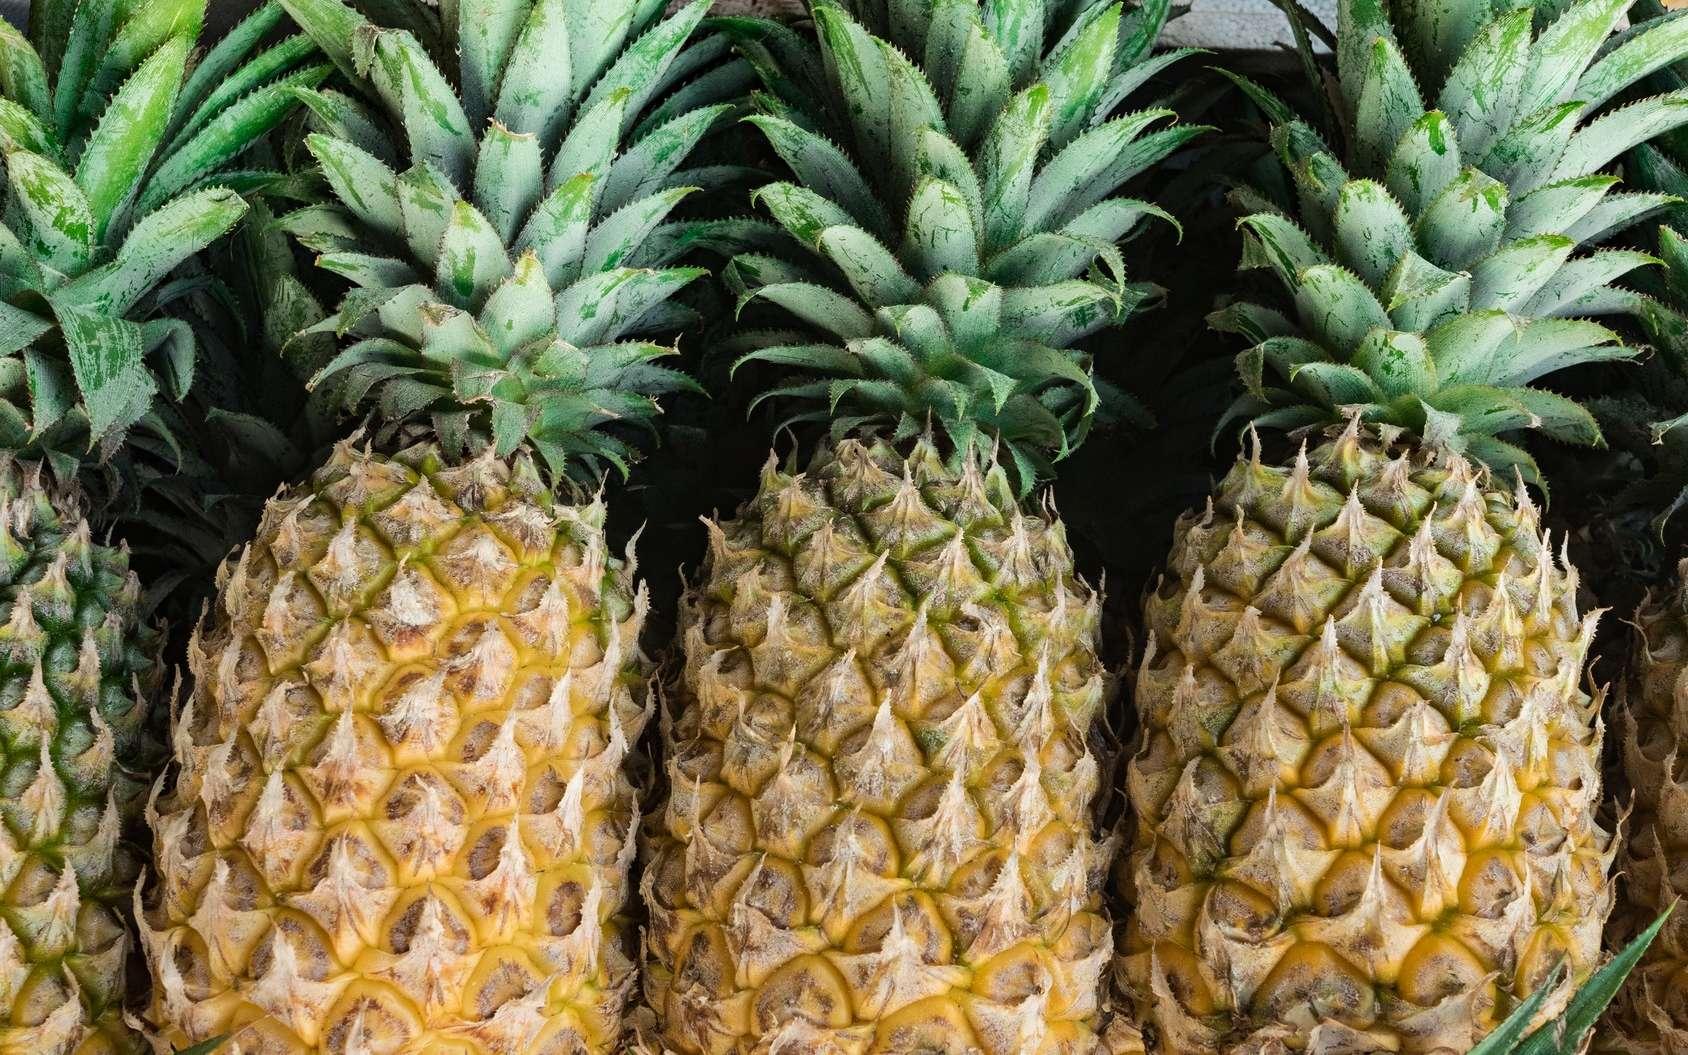 La bromélaïne est extraite de l'ananas. © rhzr, Fotolia